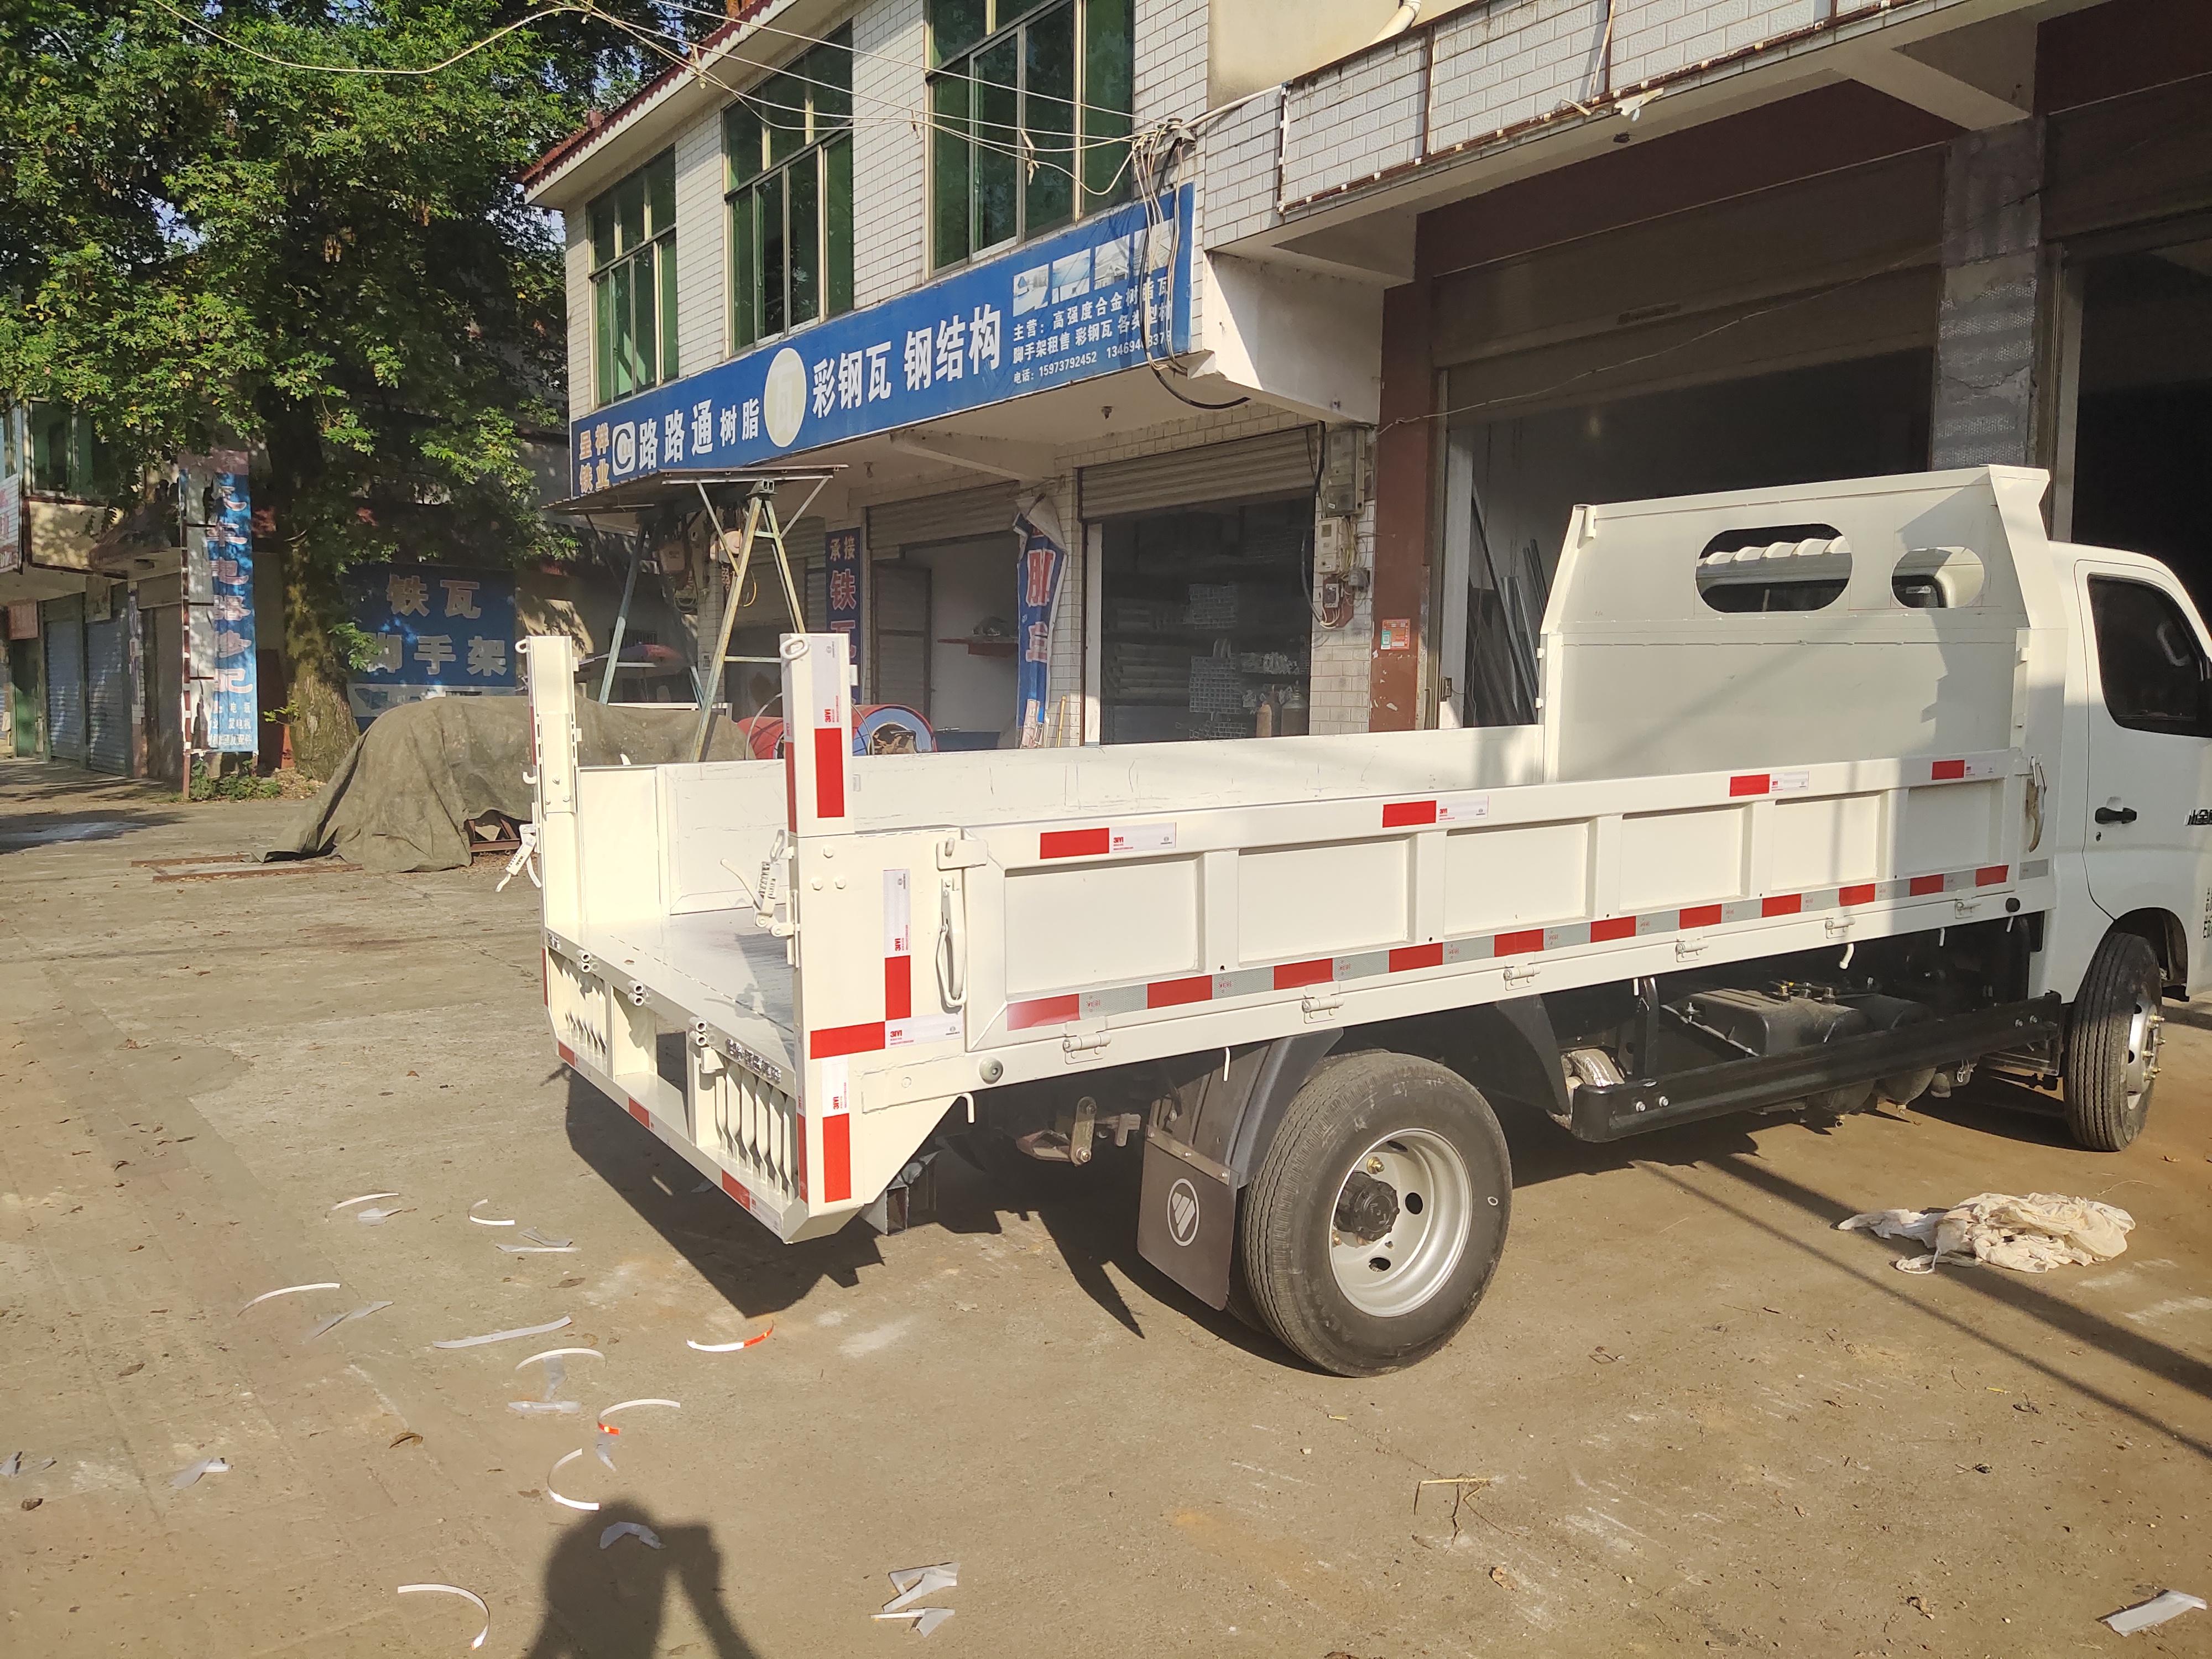 福田瑞沃 小金刚Ⅱ 88马力 4X2 3.3米自卸车(BJ3040D8JBA-AA)口碑